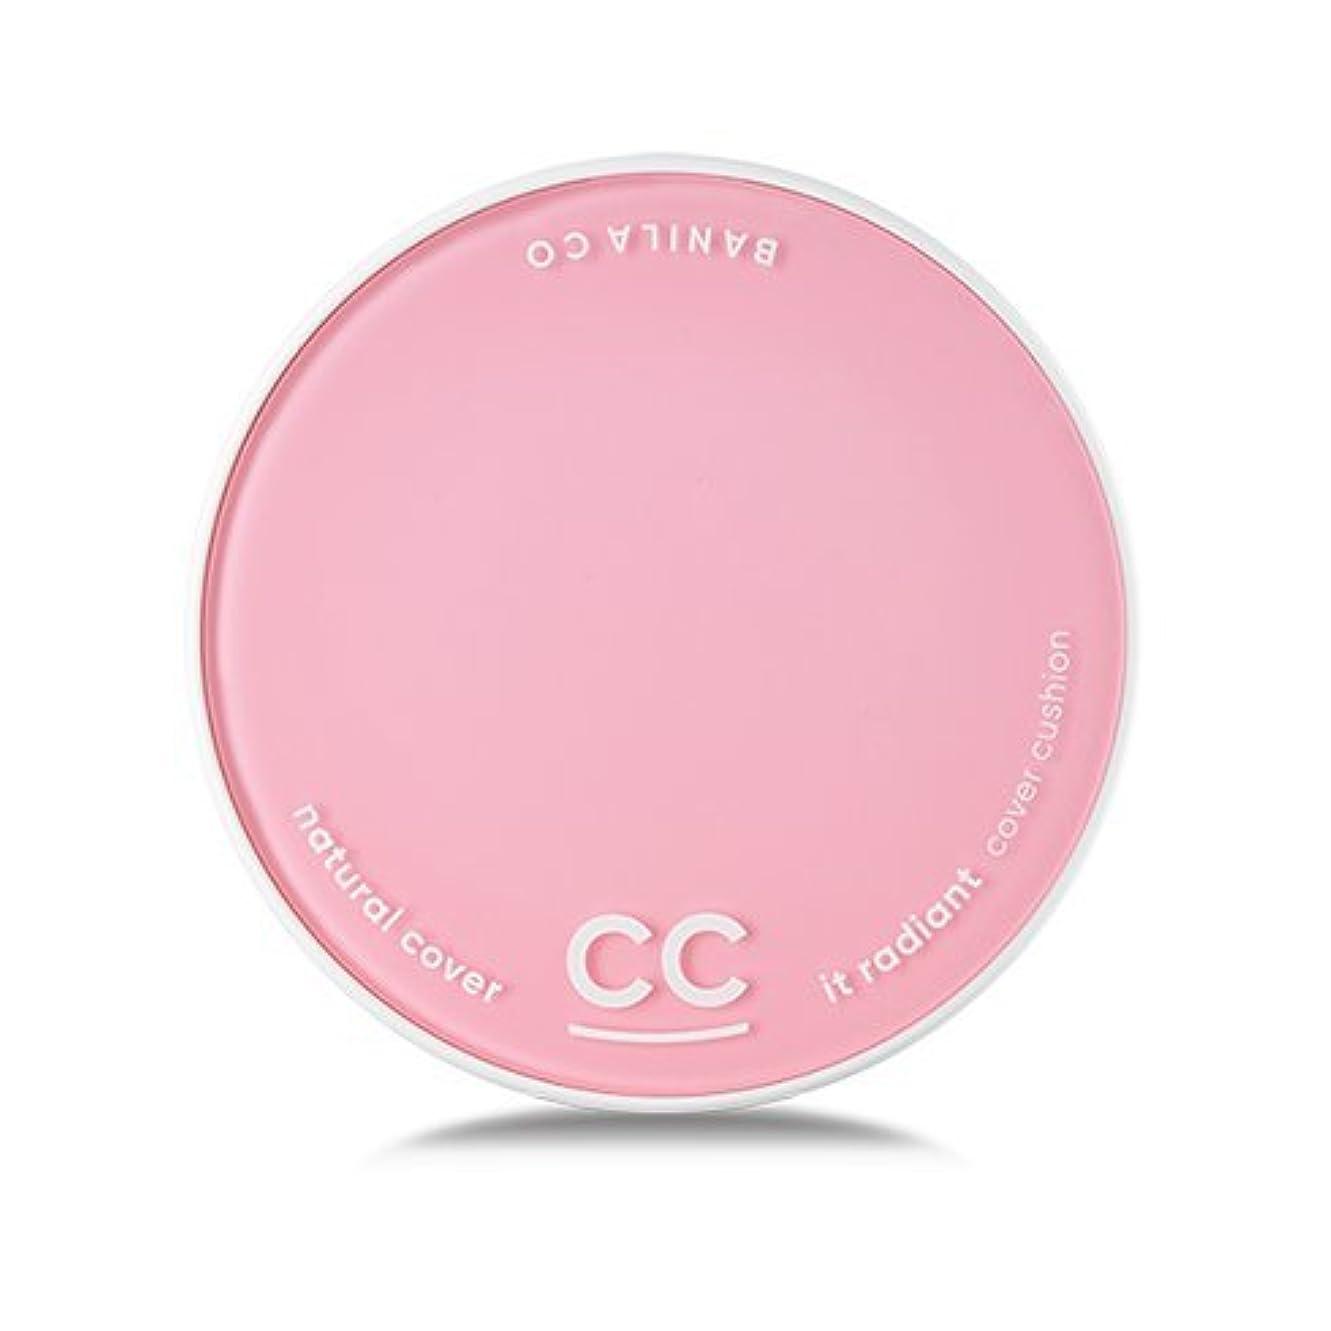 読むメイト政治的[Renewal] BANILA CO It Radiant CC Cover Cushion 12g + Refill 12g/バニラコ イット ラディアント CC カバー クッション 12g + リフィル 12g (...